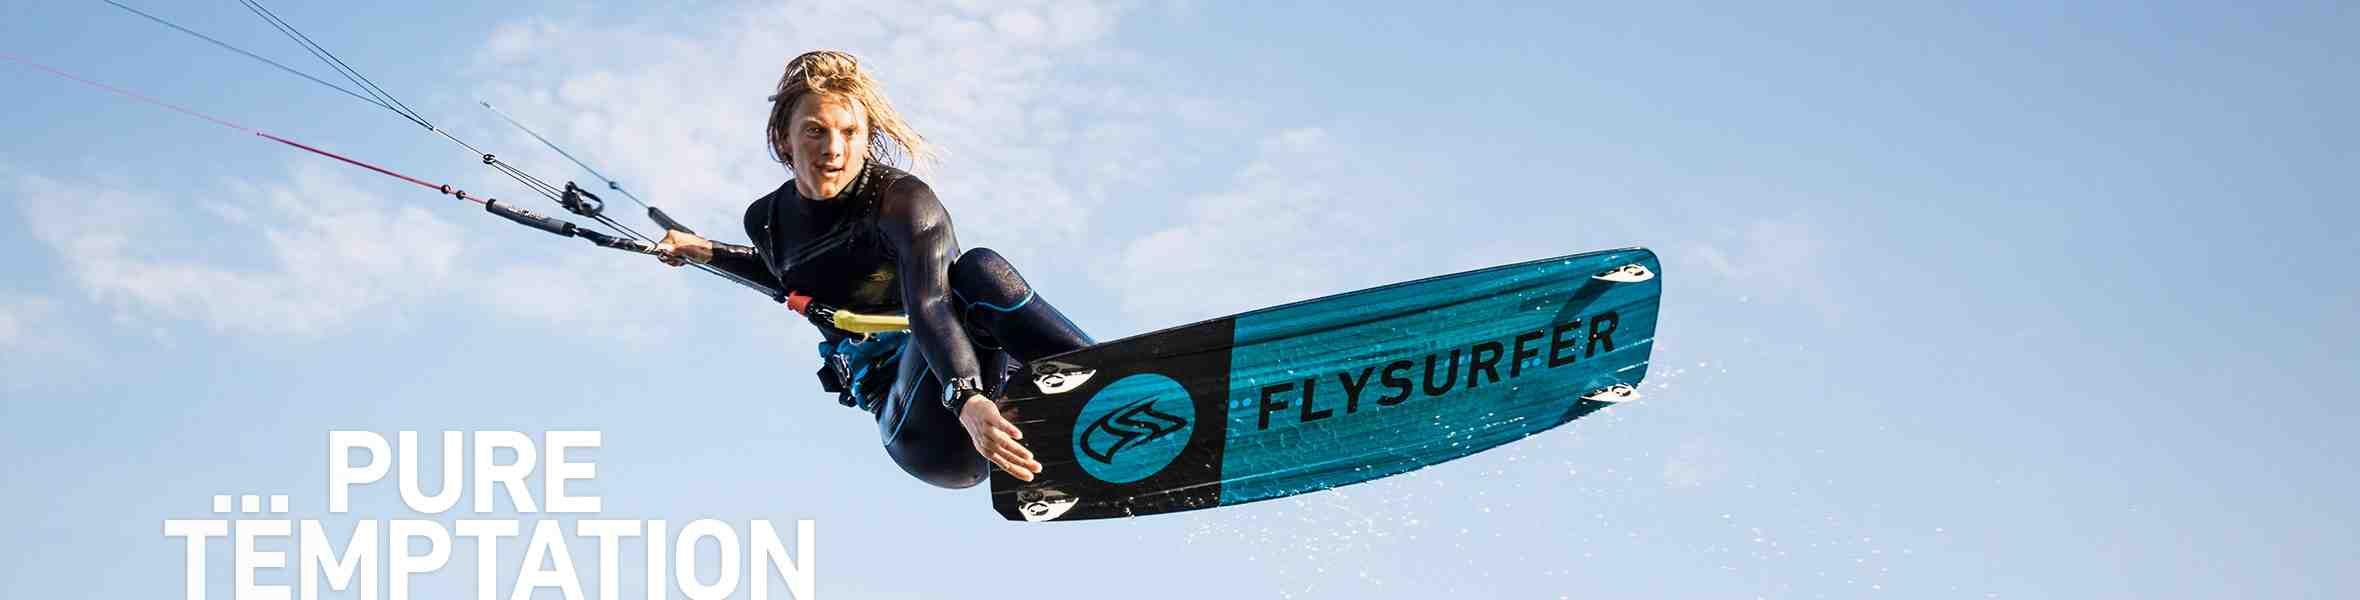 flysurfer-kiteboard